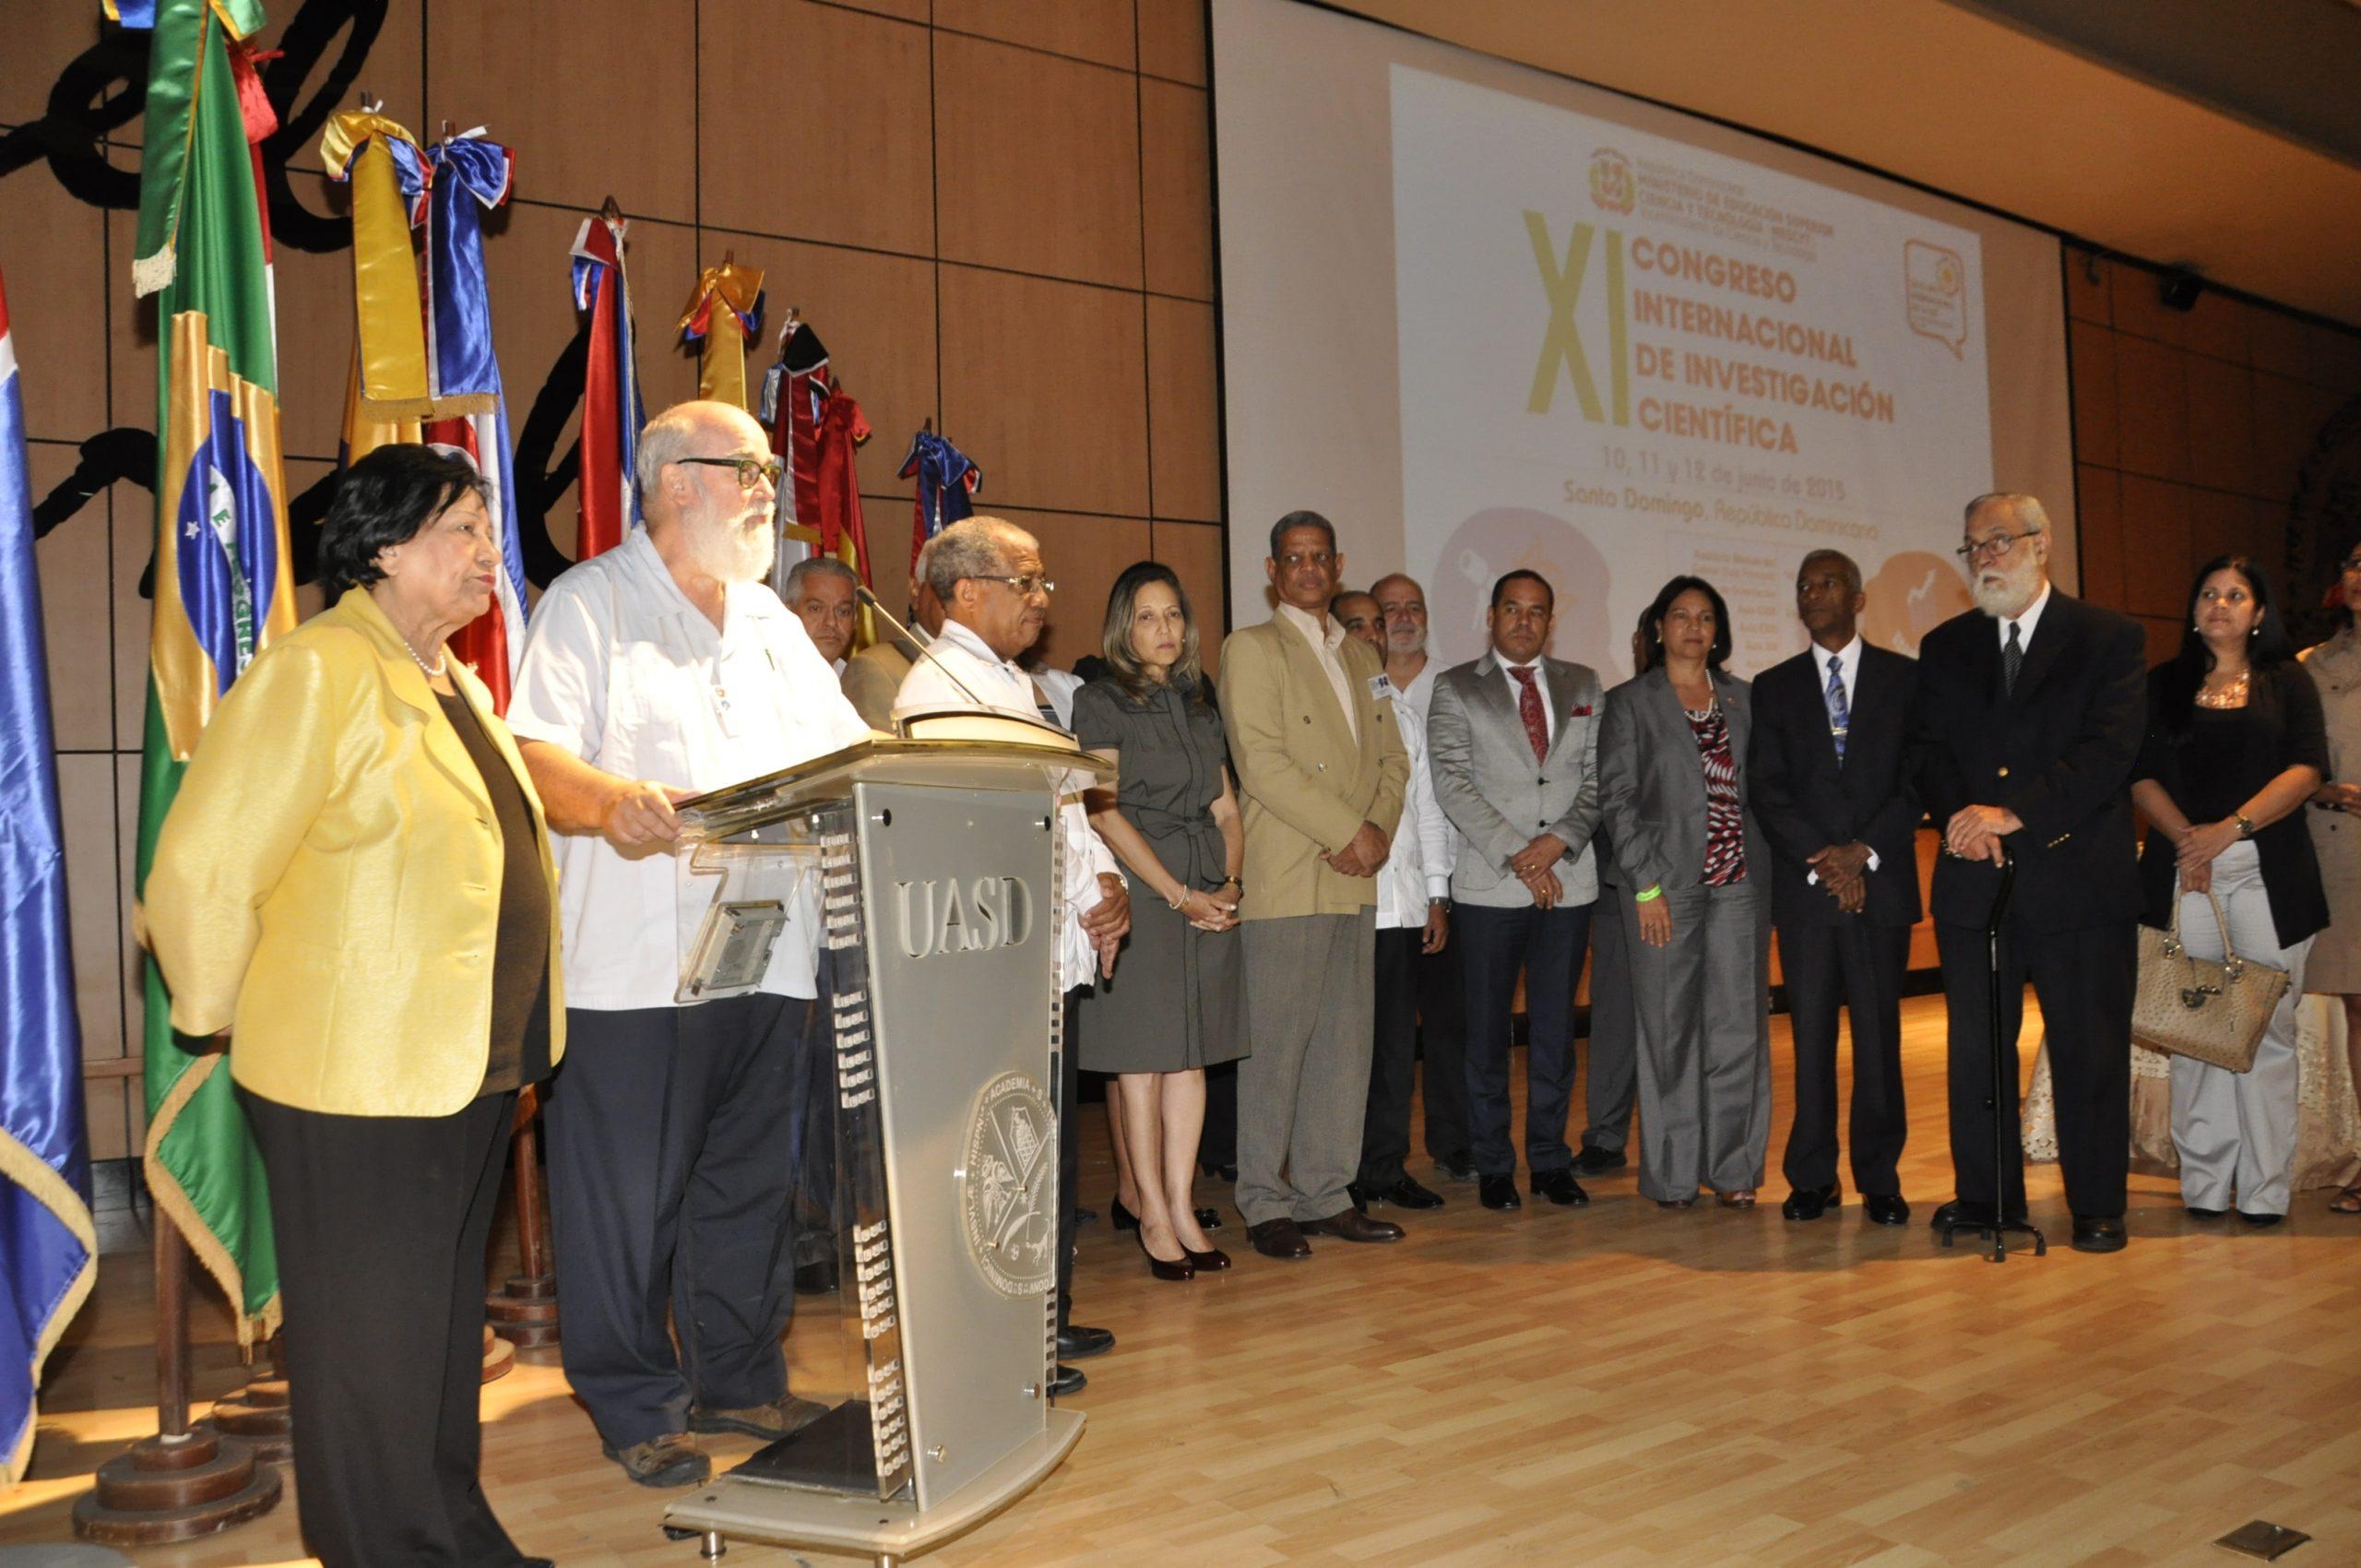 Ligia Amada Melo, ministra de Educación Superior, durante la clausura del cónclave sobre ciencia y tecnología.